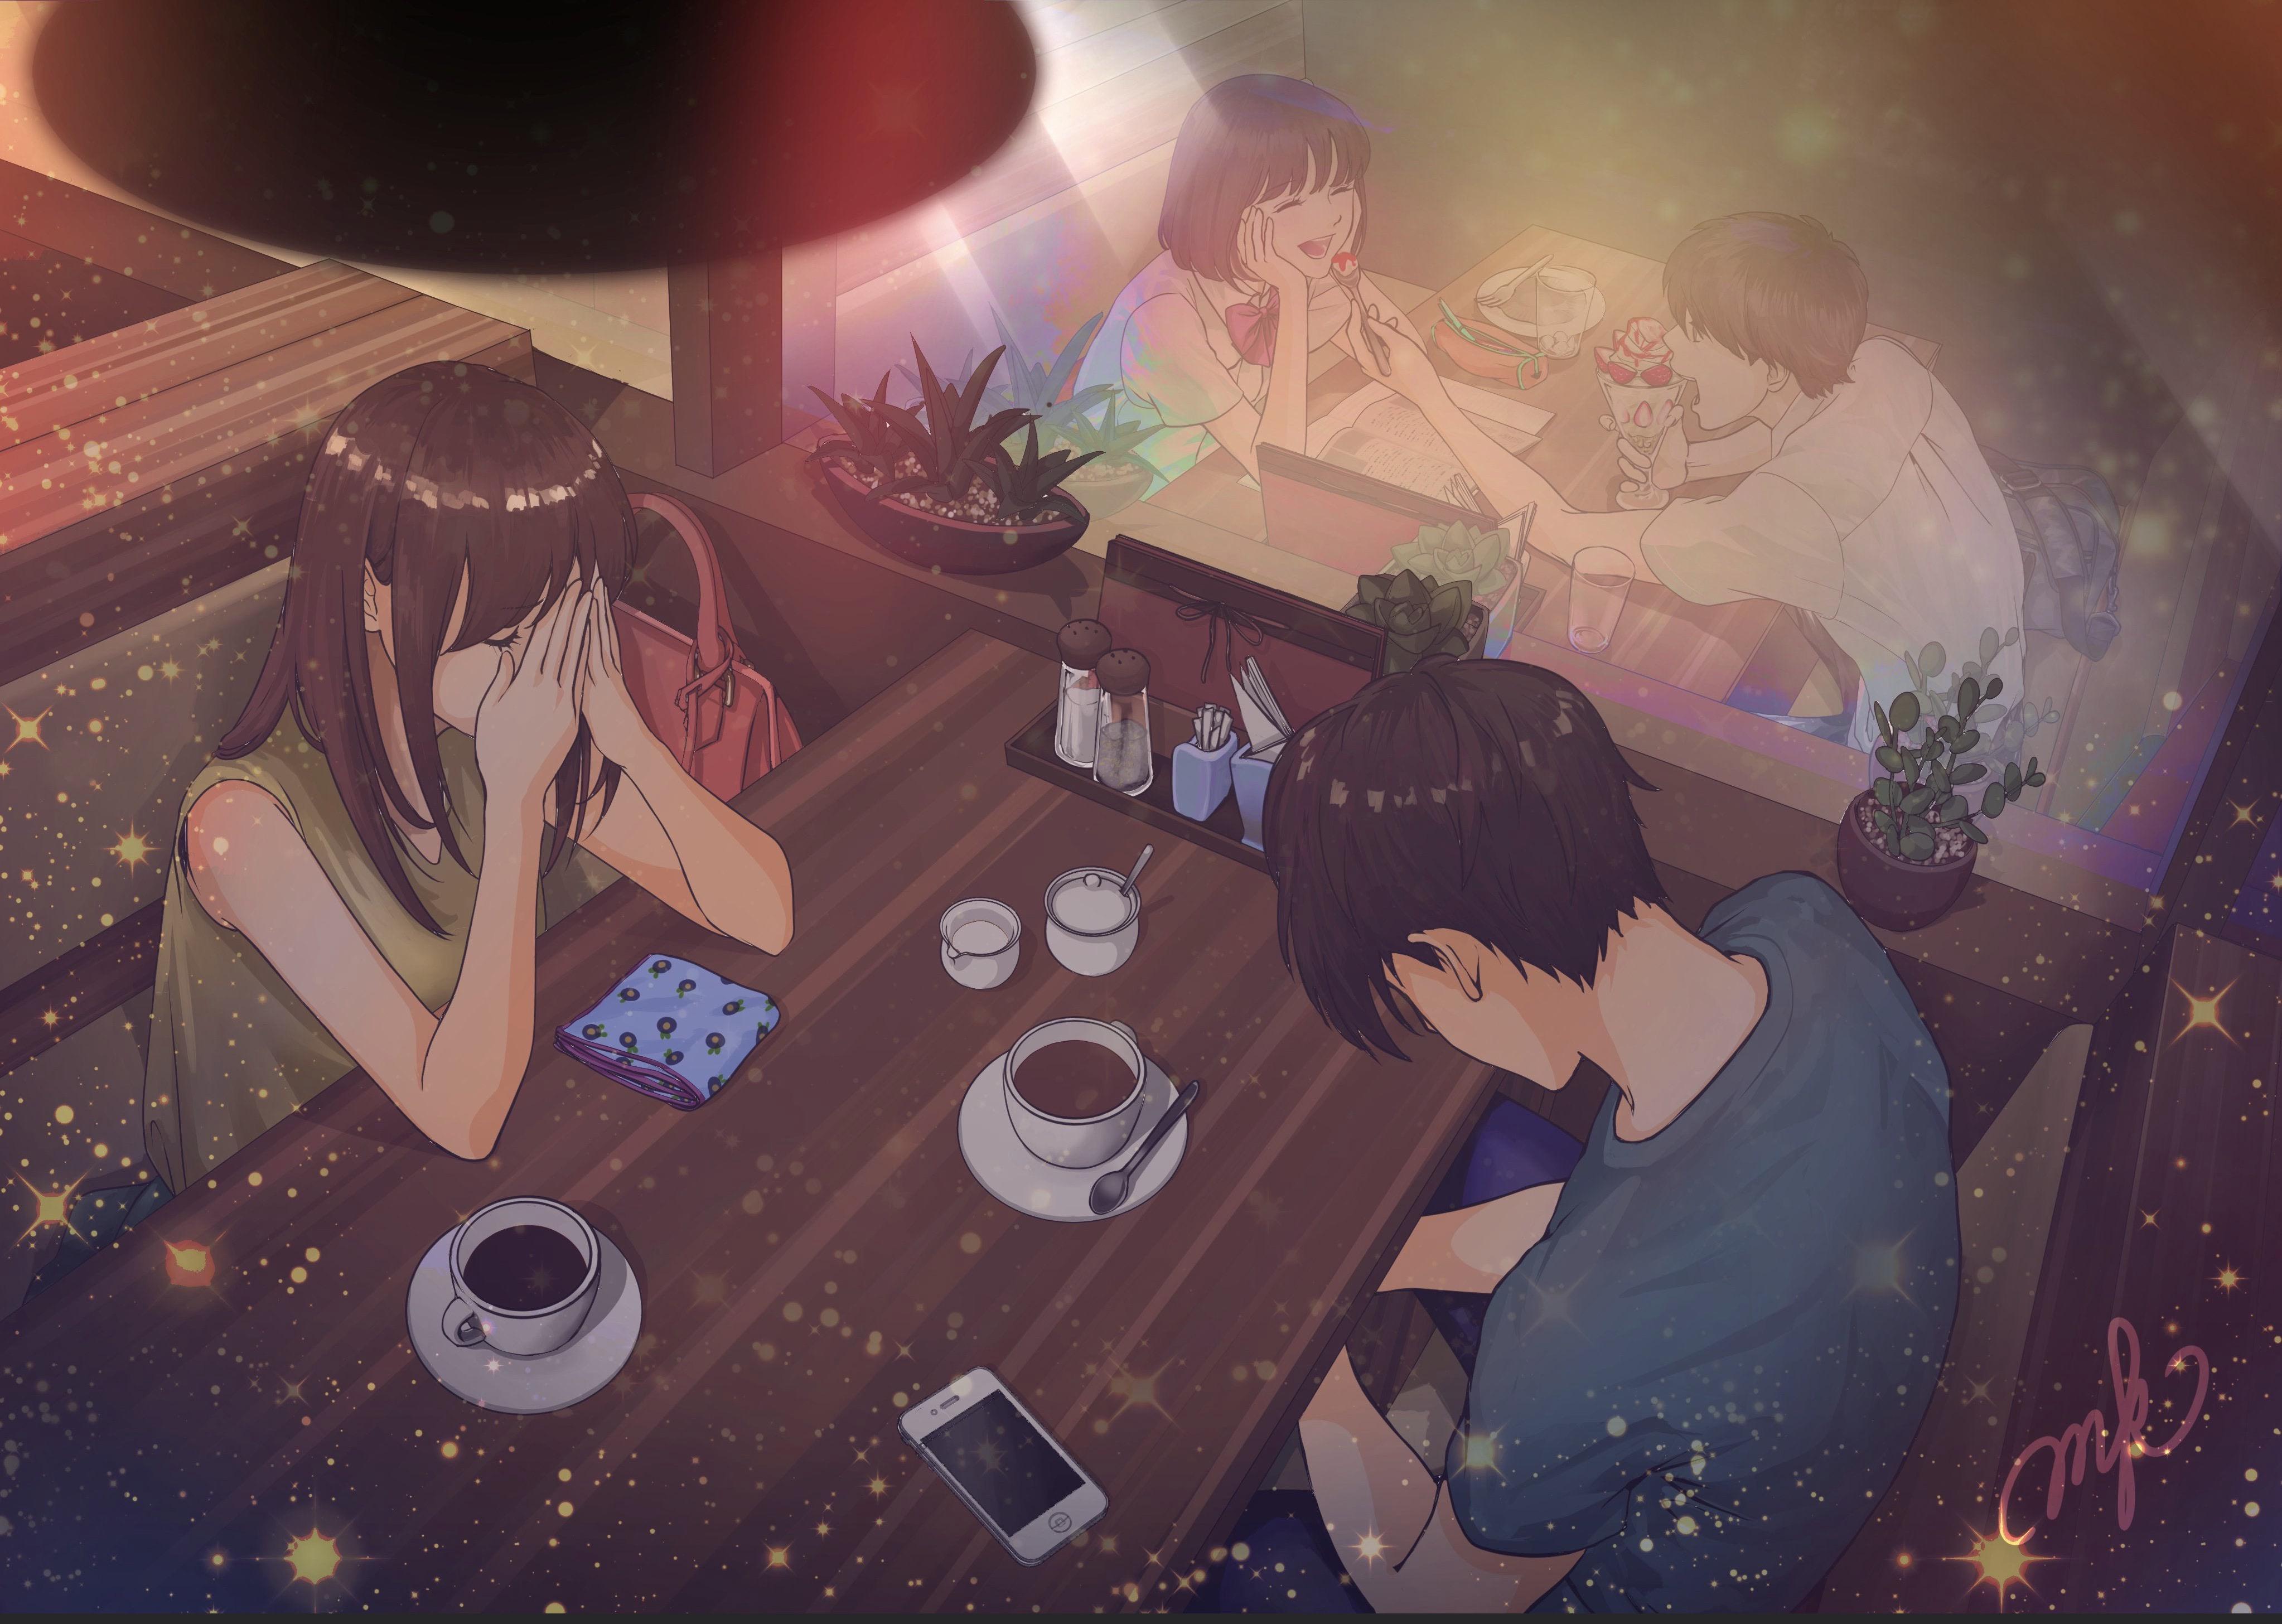 Anime 4092x2912 anime couple cafe sadness eating sitting restaurant anime girls anime boys cup smartphone MacaronK high angle